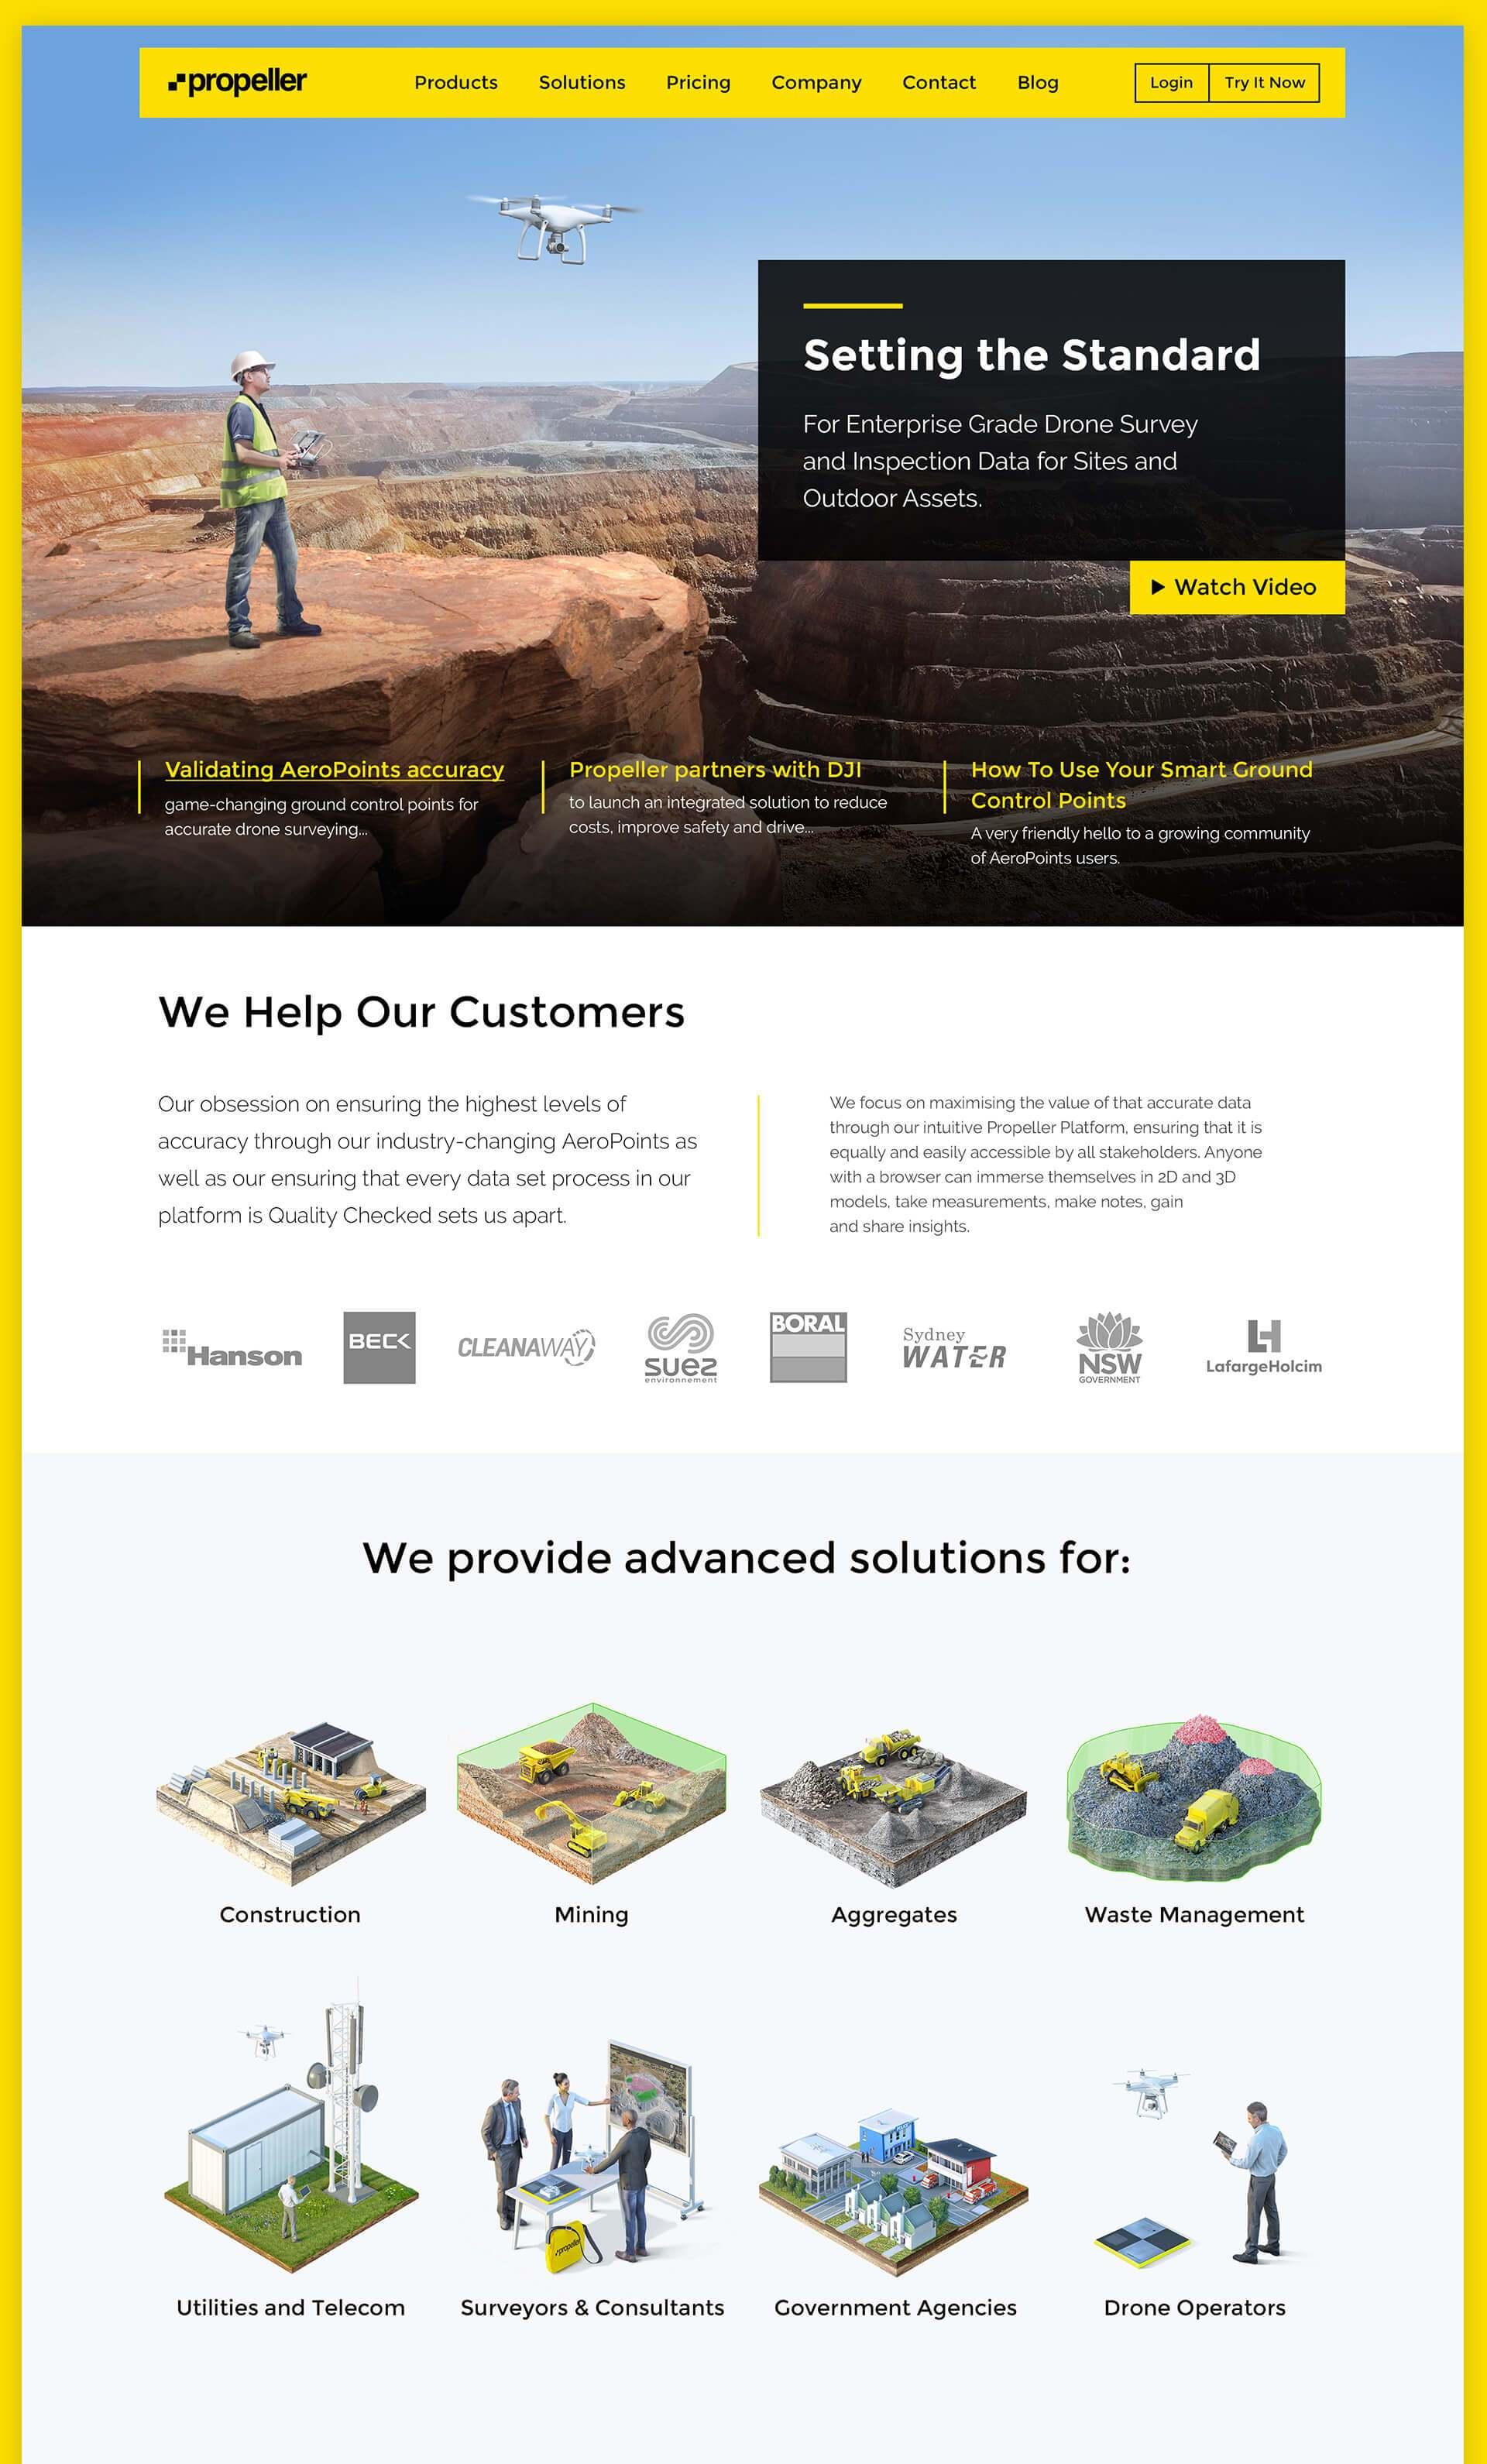 Дизайн головної сторінки сайту компанії Propeller Aero